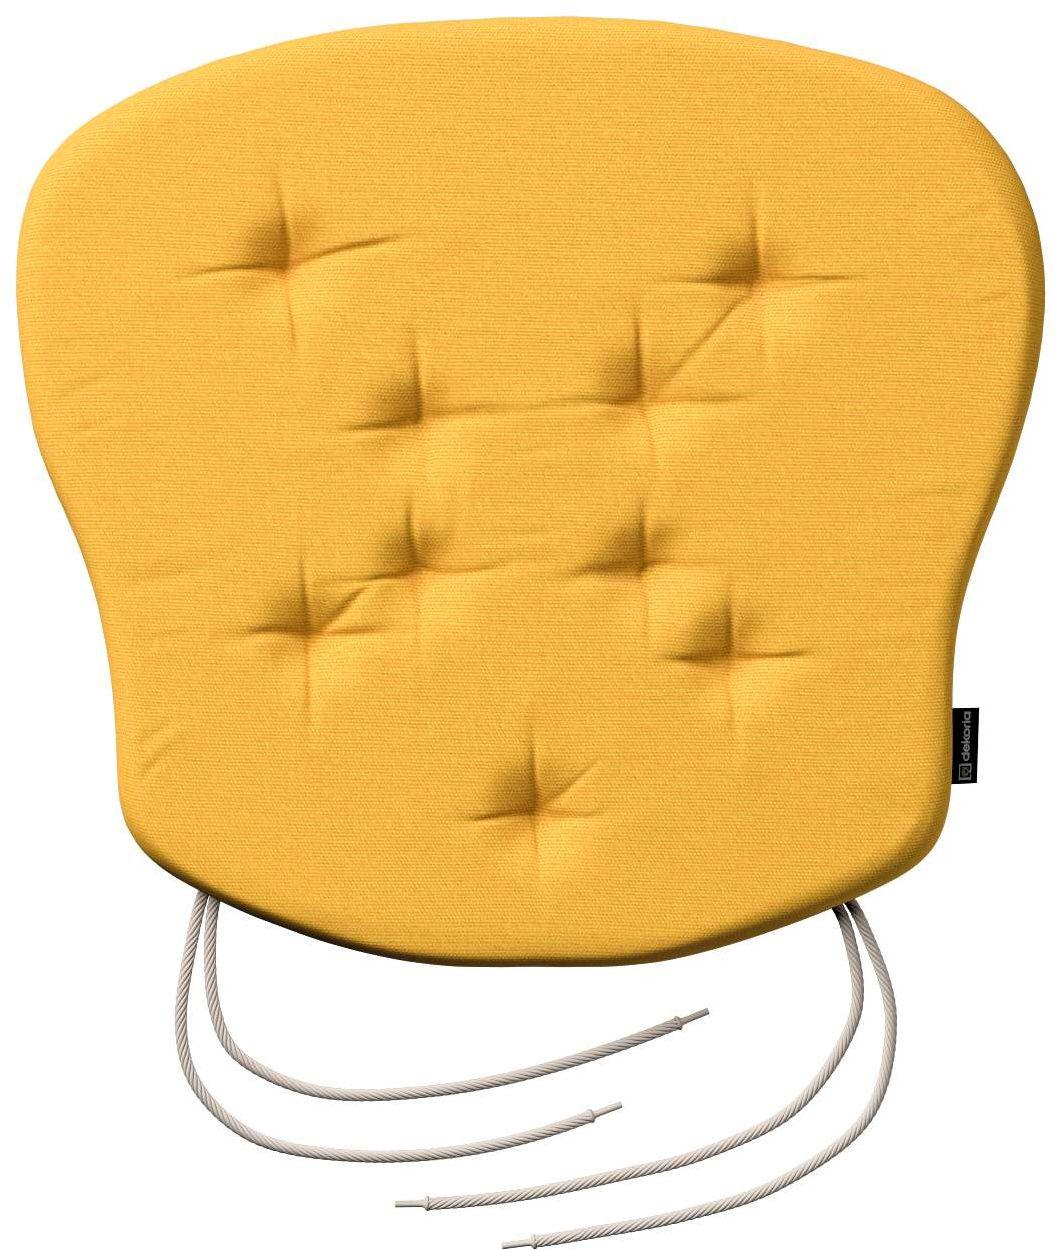 Siedzisko Filip na krzesło, żółty, 41  38  3,5 cm, Loneta